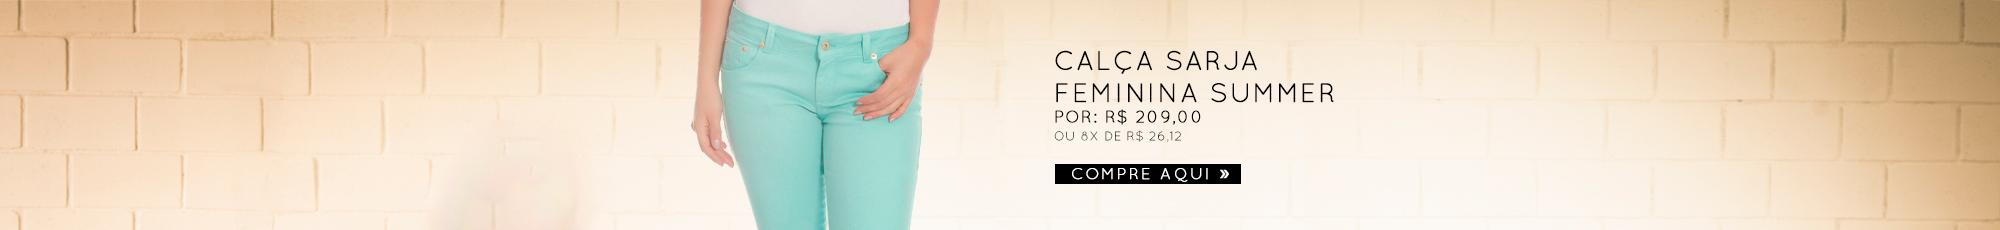 Calca_Feminina1